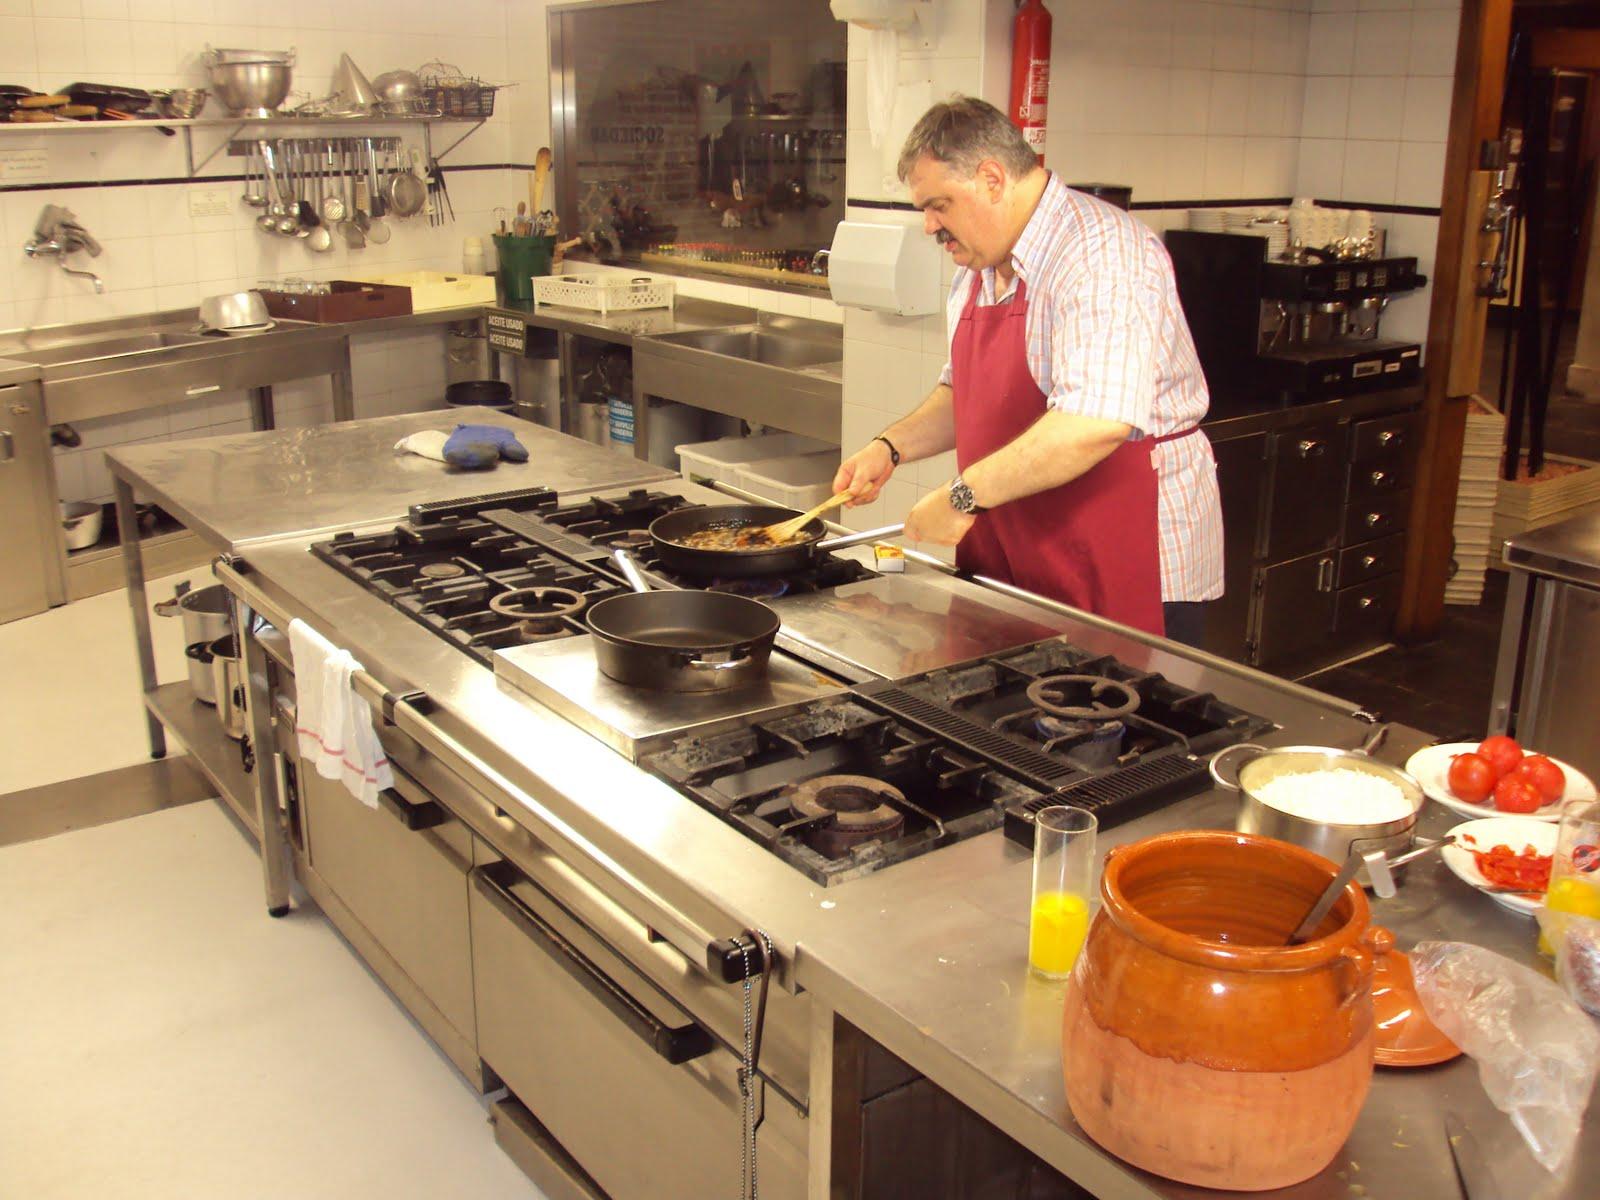 La Cocina de Los Viernes: Sociedad Gastronomica. O algo asi como ...